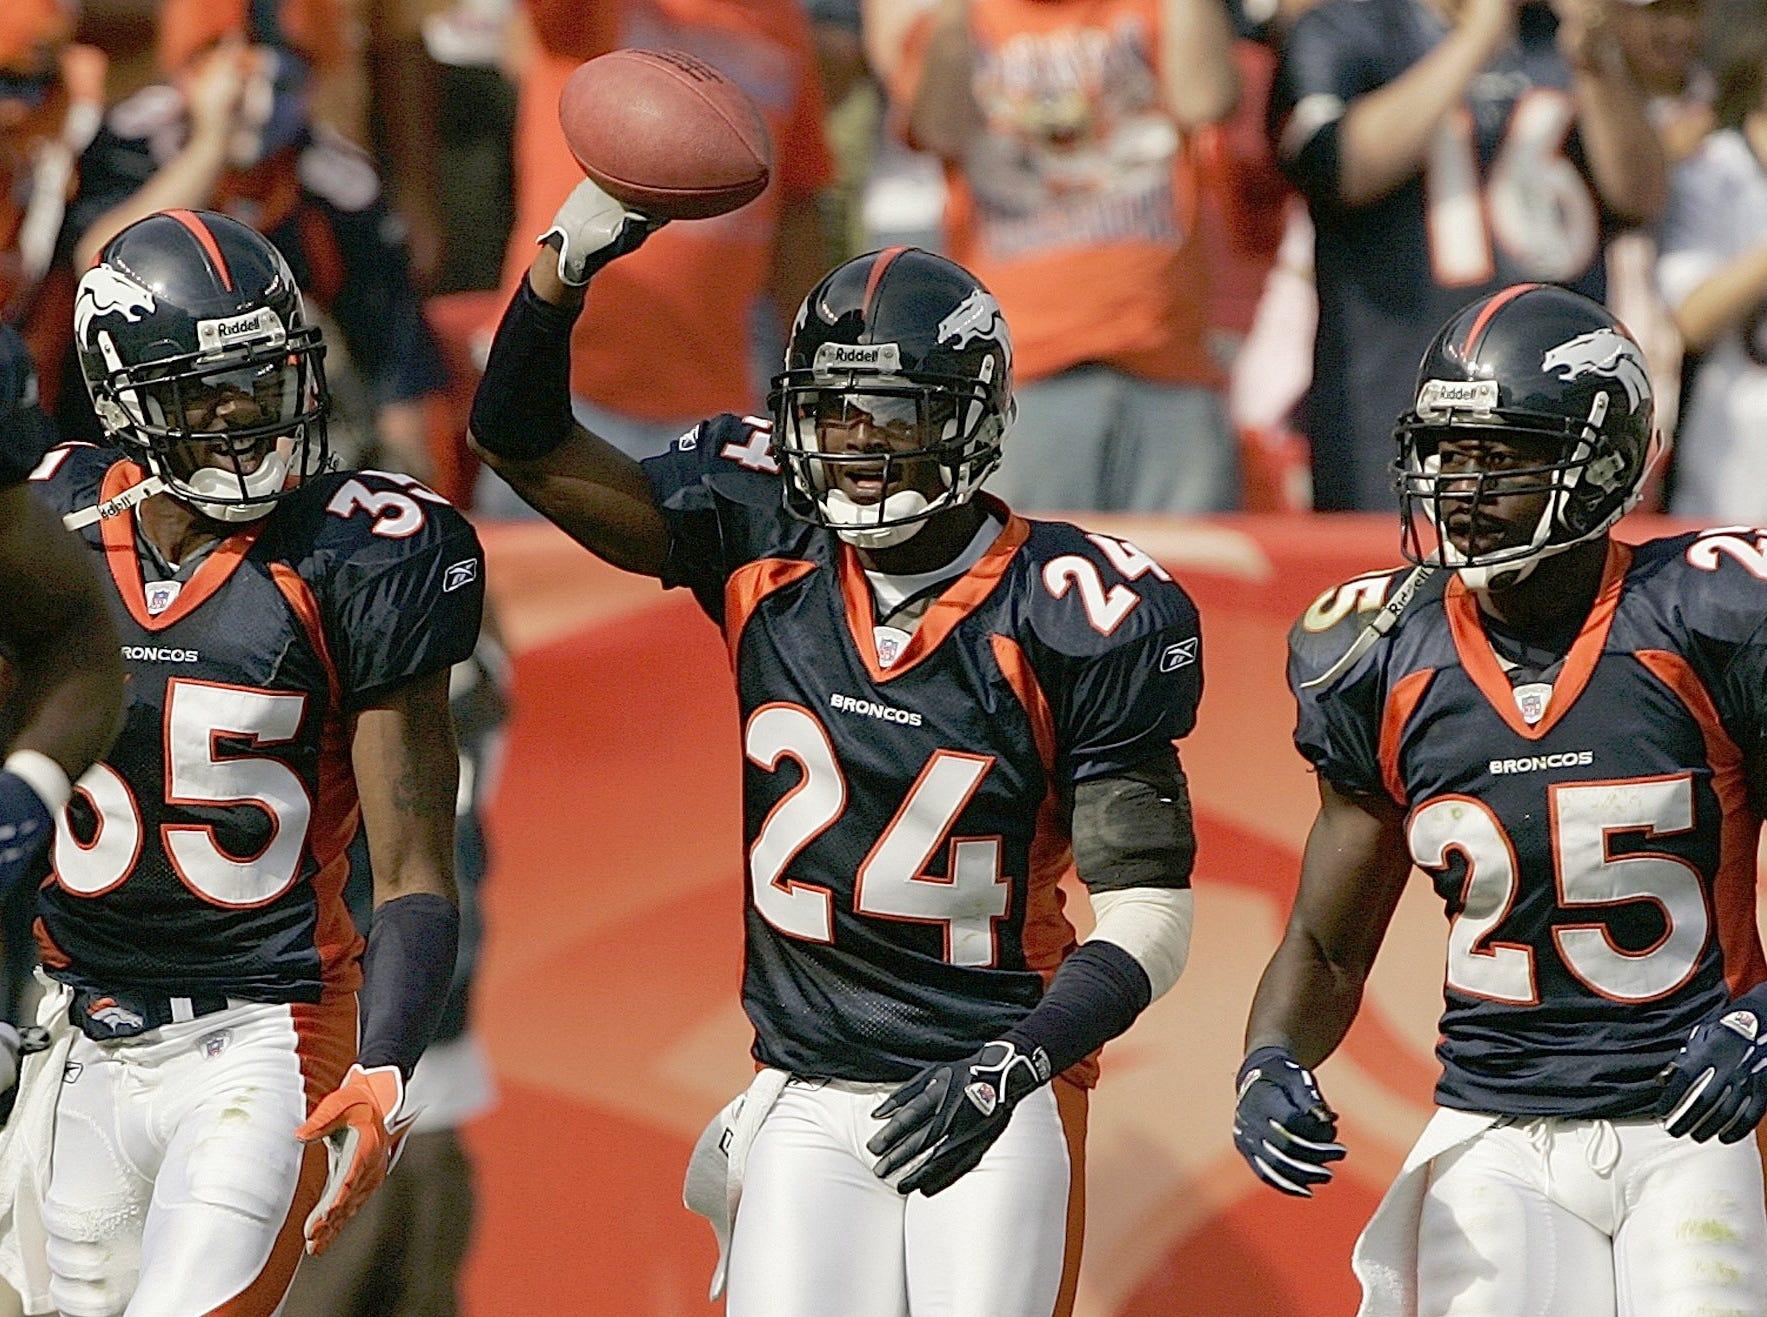 Champ Bailey, CB – 1999-2003 Washington Redskins, 2004-2013 Denver Broncos